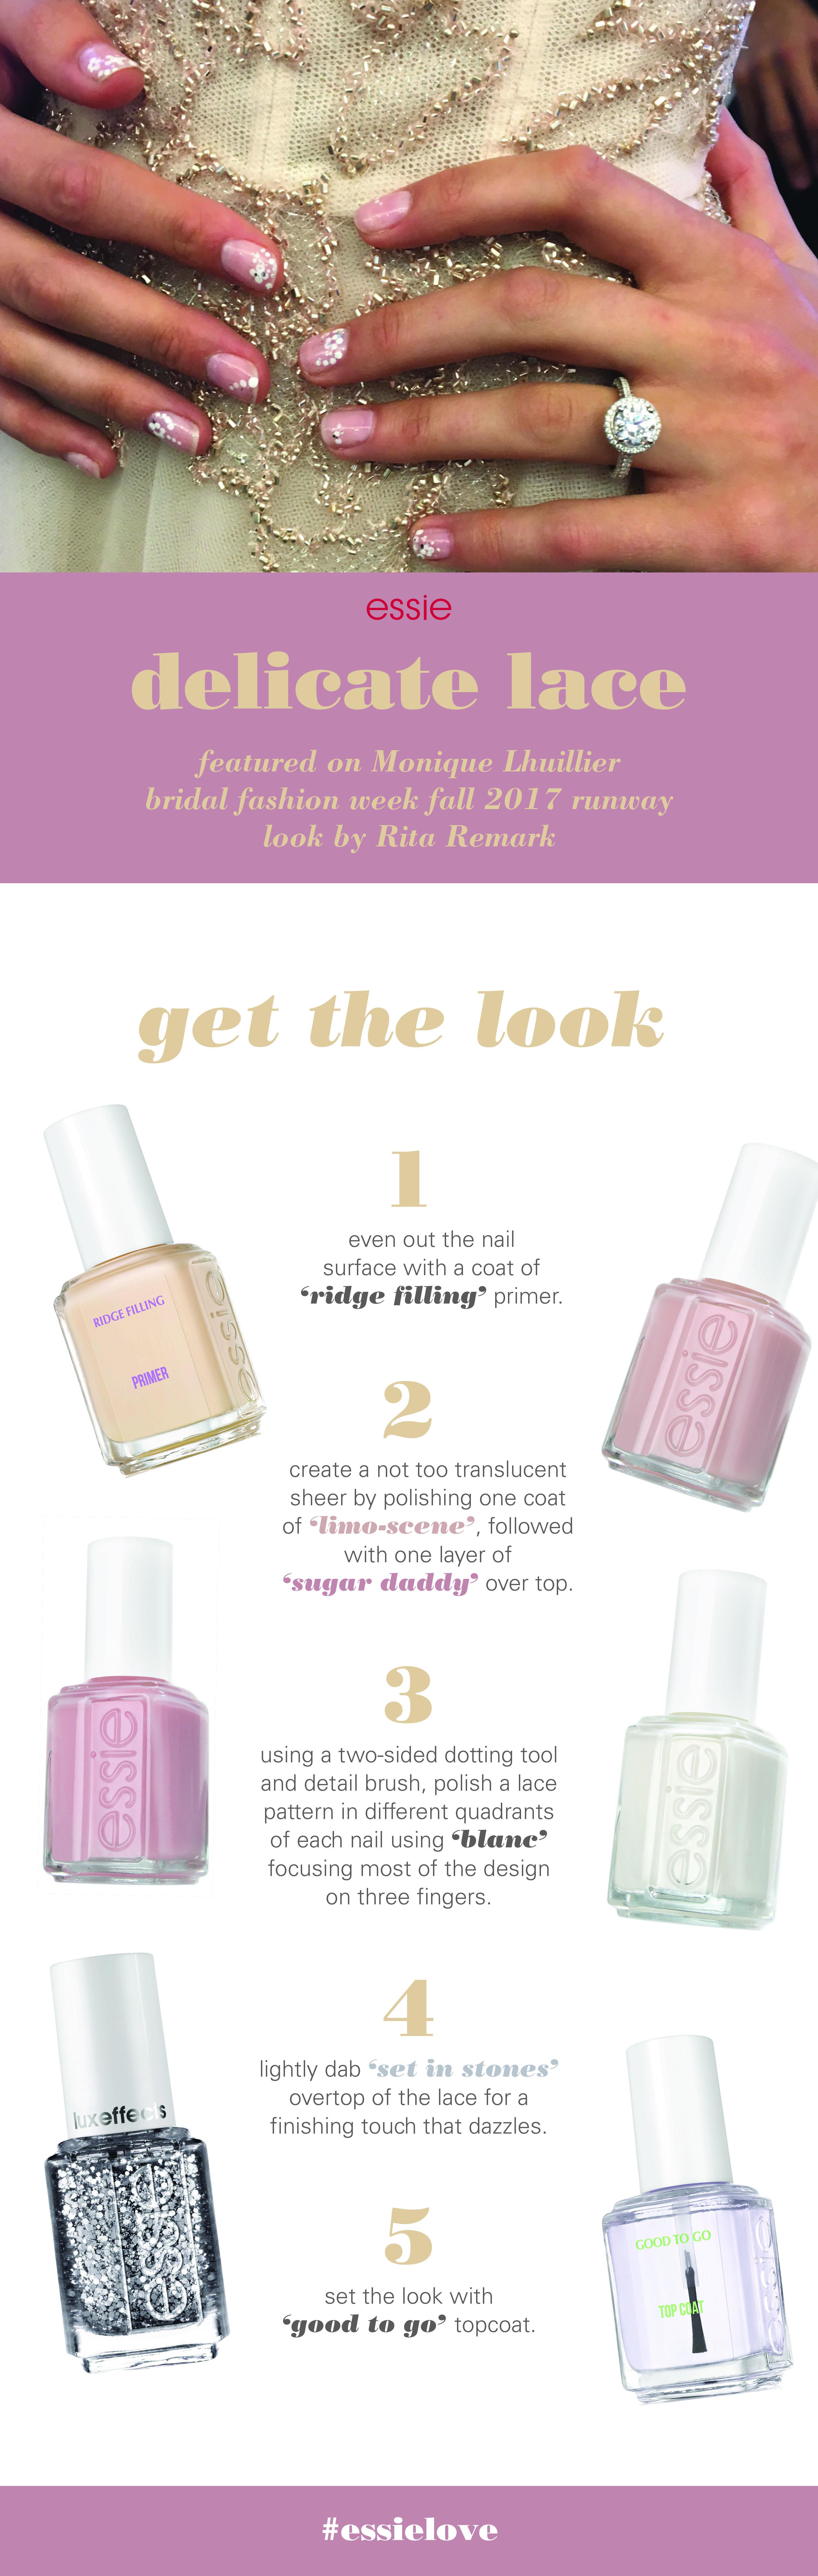 Lace nails. | Make Up & Nails | Pinterest | Lace nails, Make up and ...